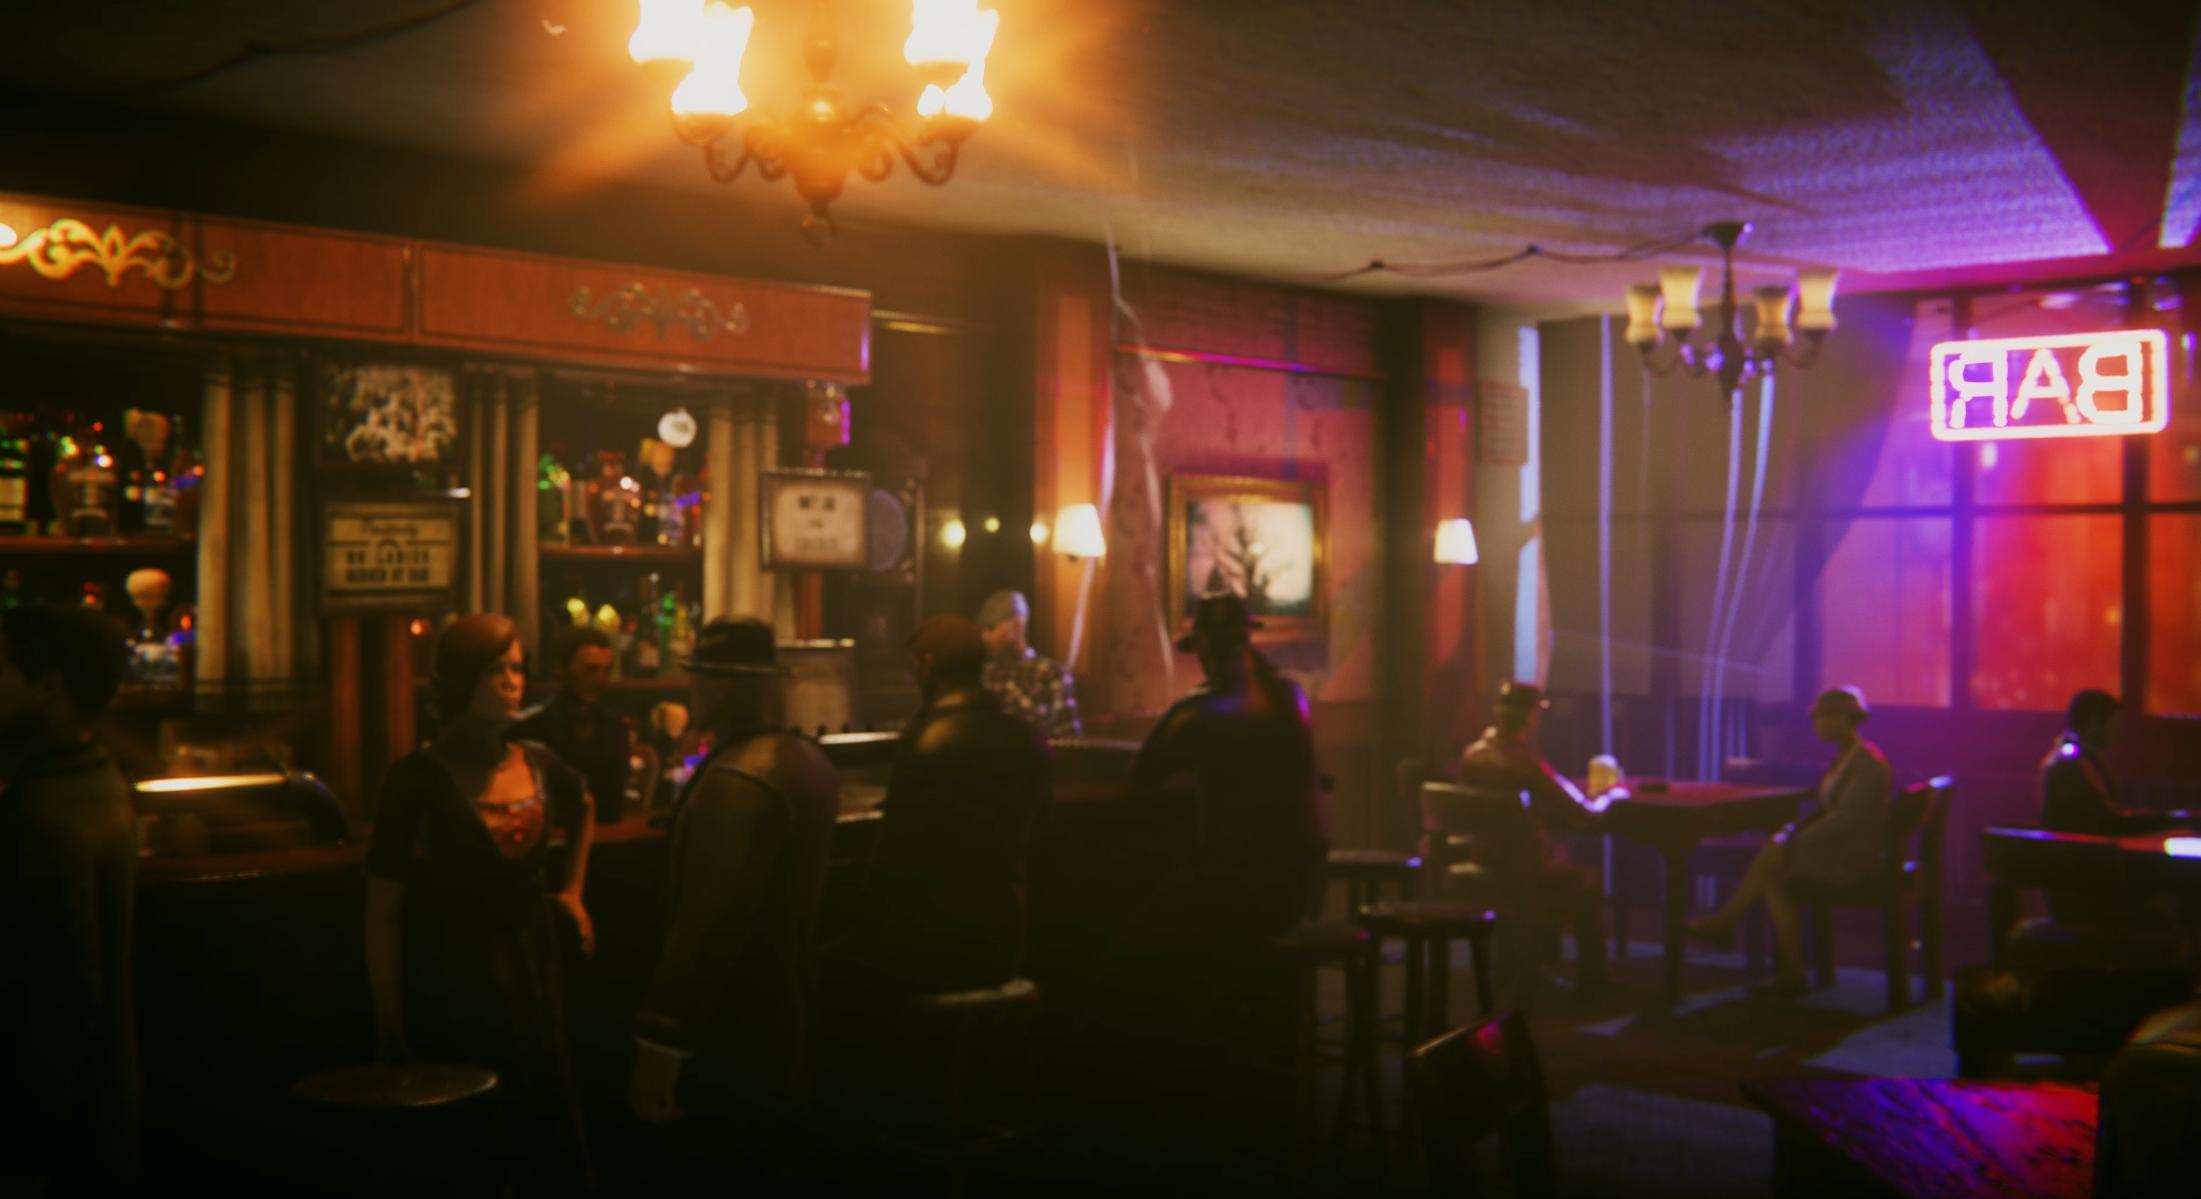 Joe bar scene